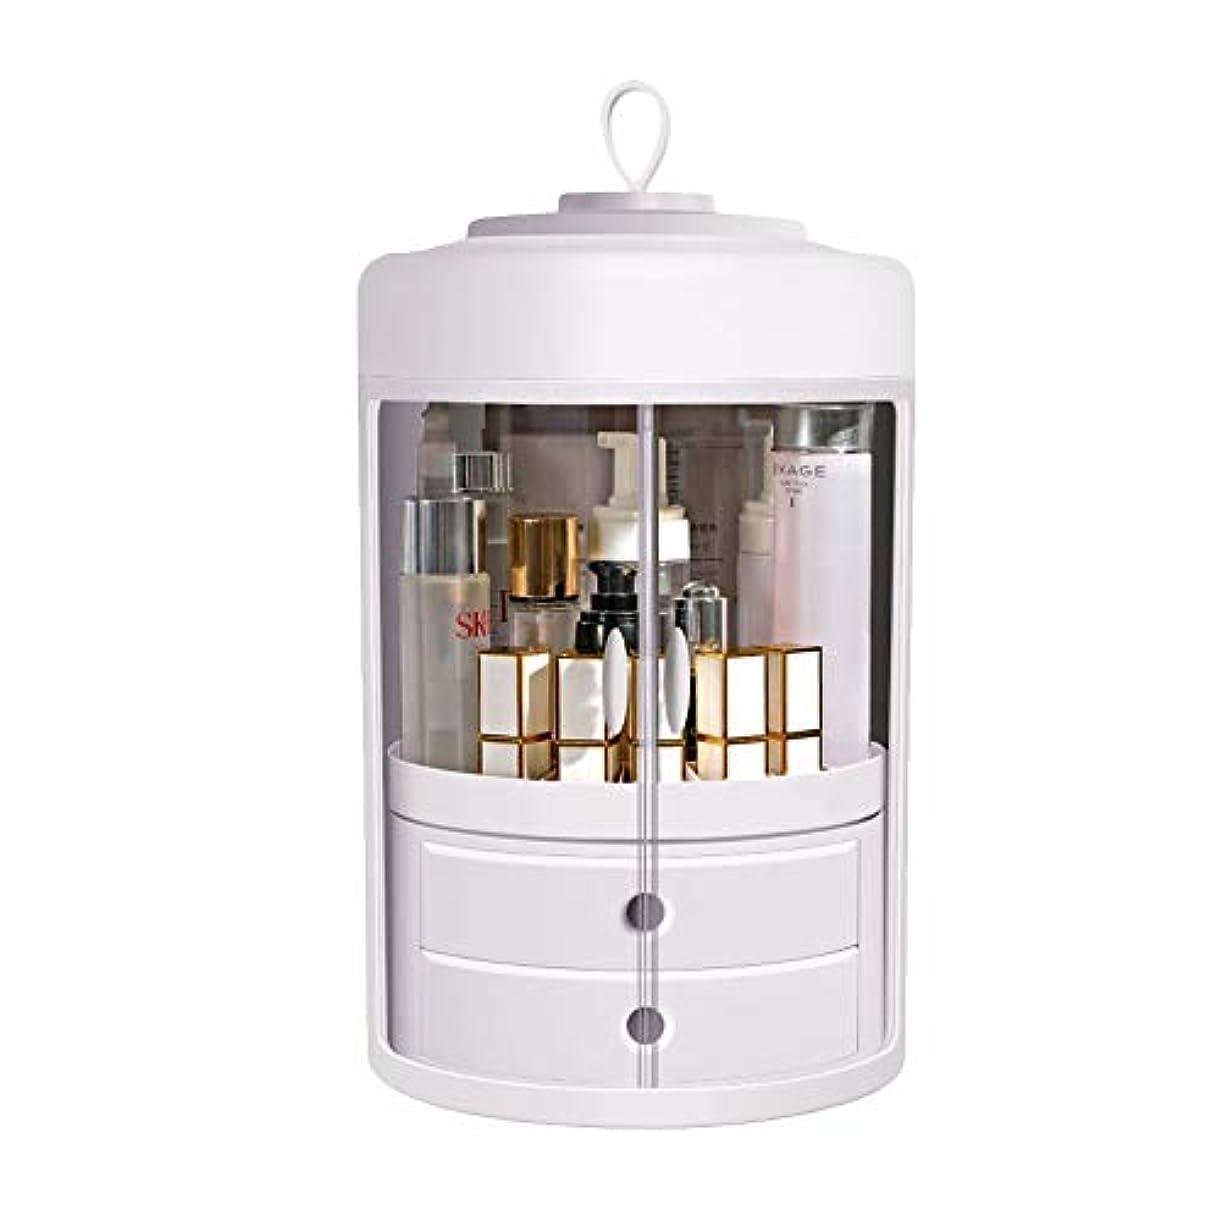 ベルベットを除くジャベスウィルソン化粧品収納 コスメ収納ボックス メイクケース 360度回転 防塵 防水 取っ手付き 旅行用 化粧ケース付き 二つ引き出し 透明